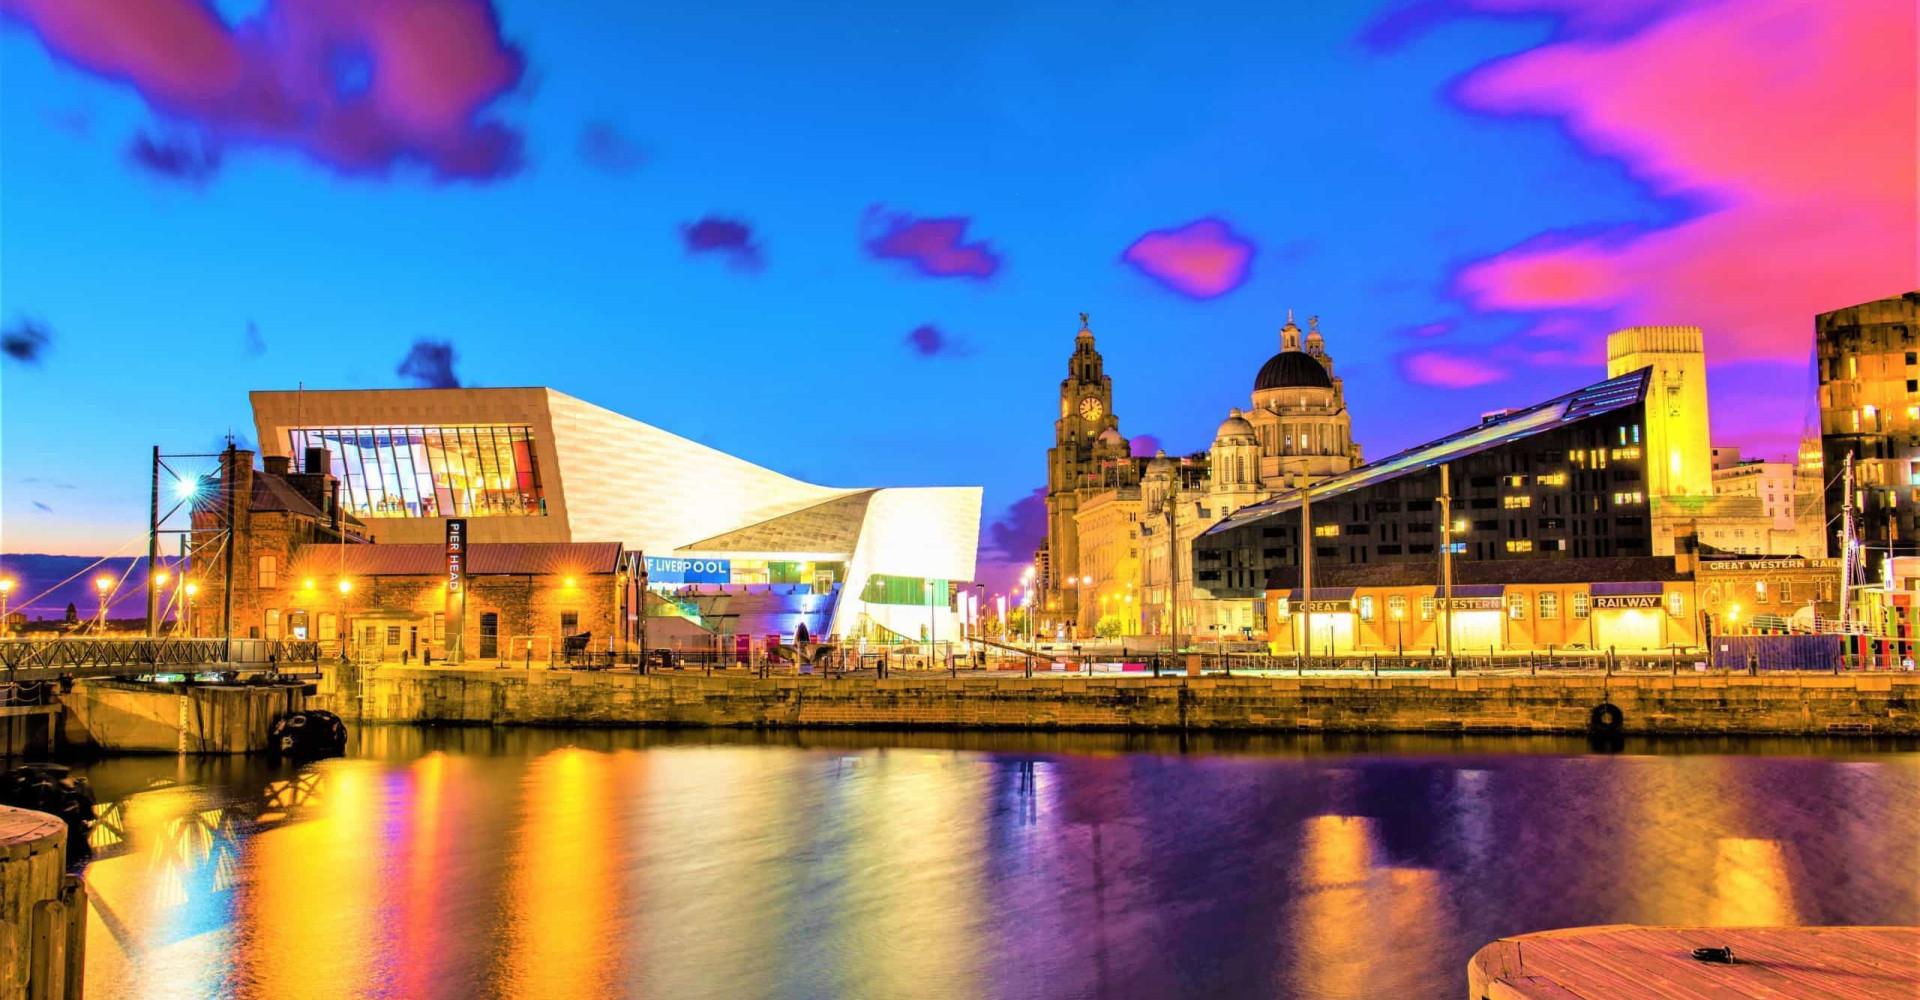 Sisäpiirin vinkit: Liverpool - jalkapallon ja kulttuurin kaupunki